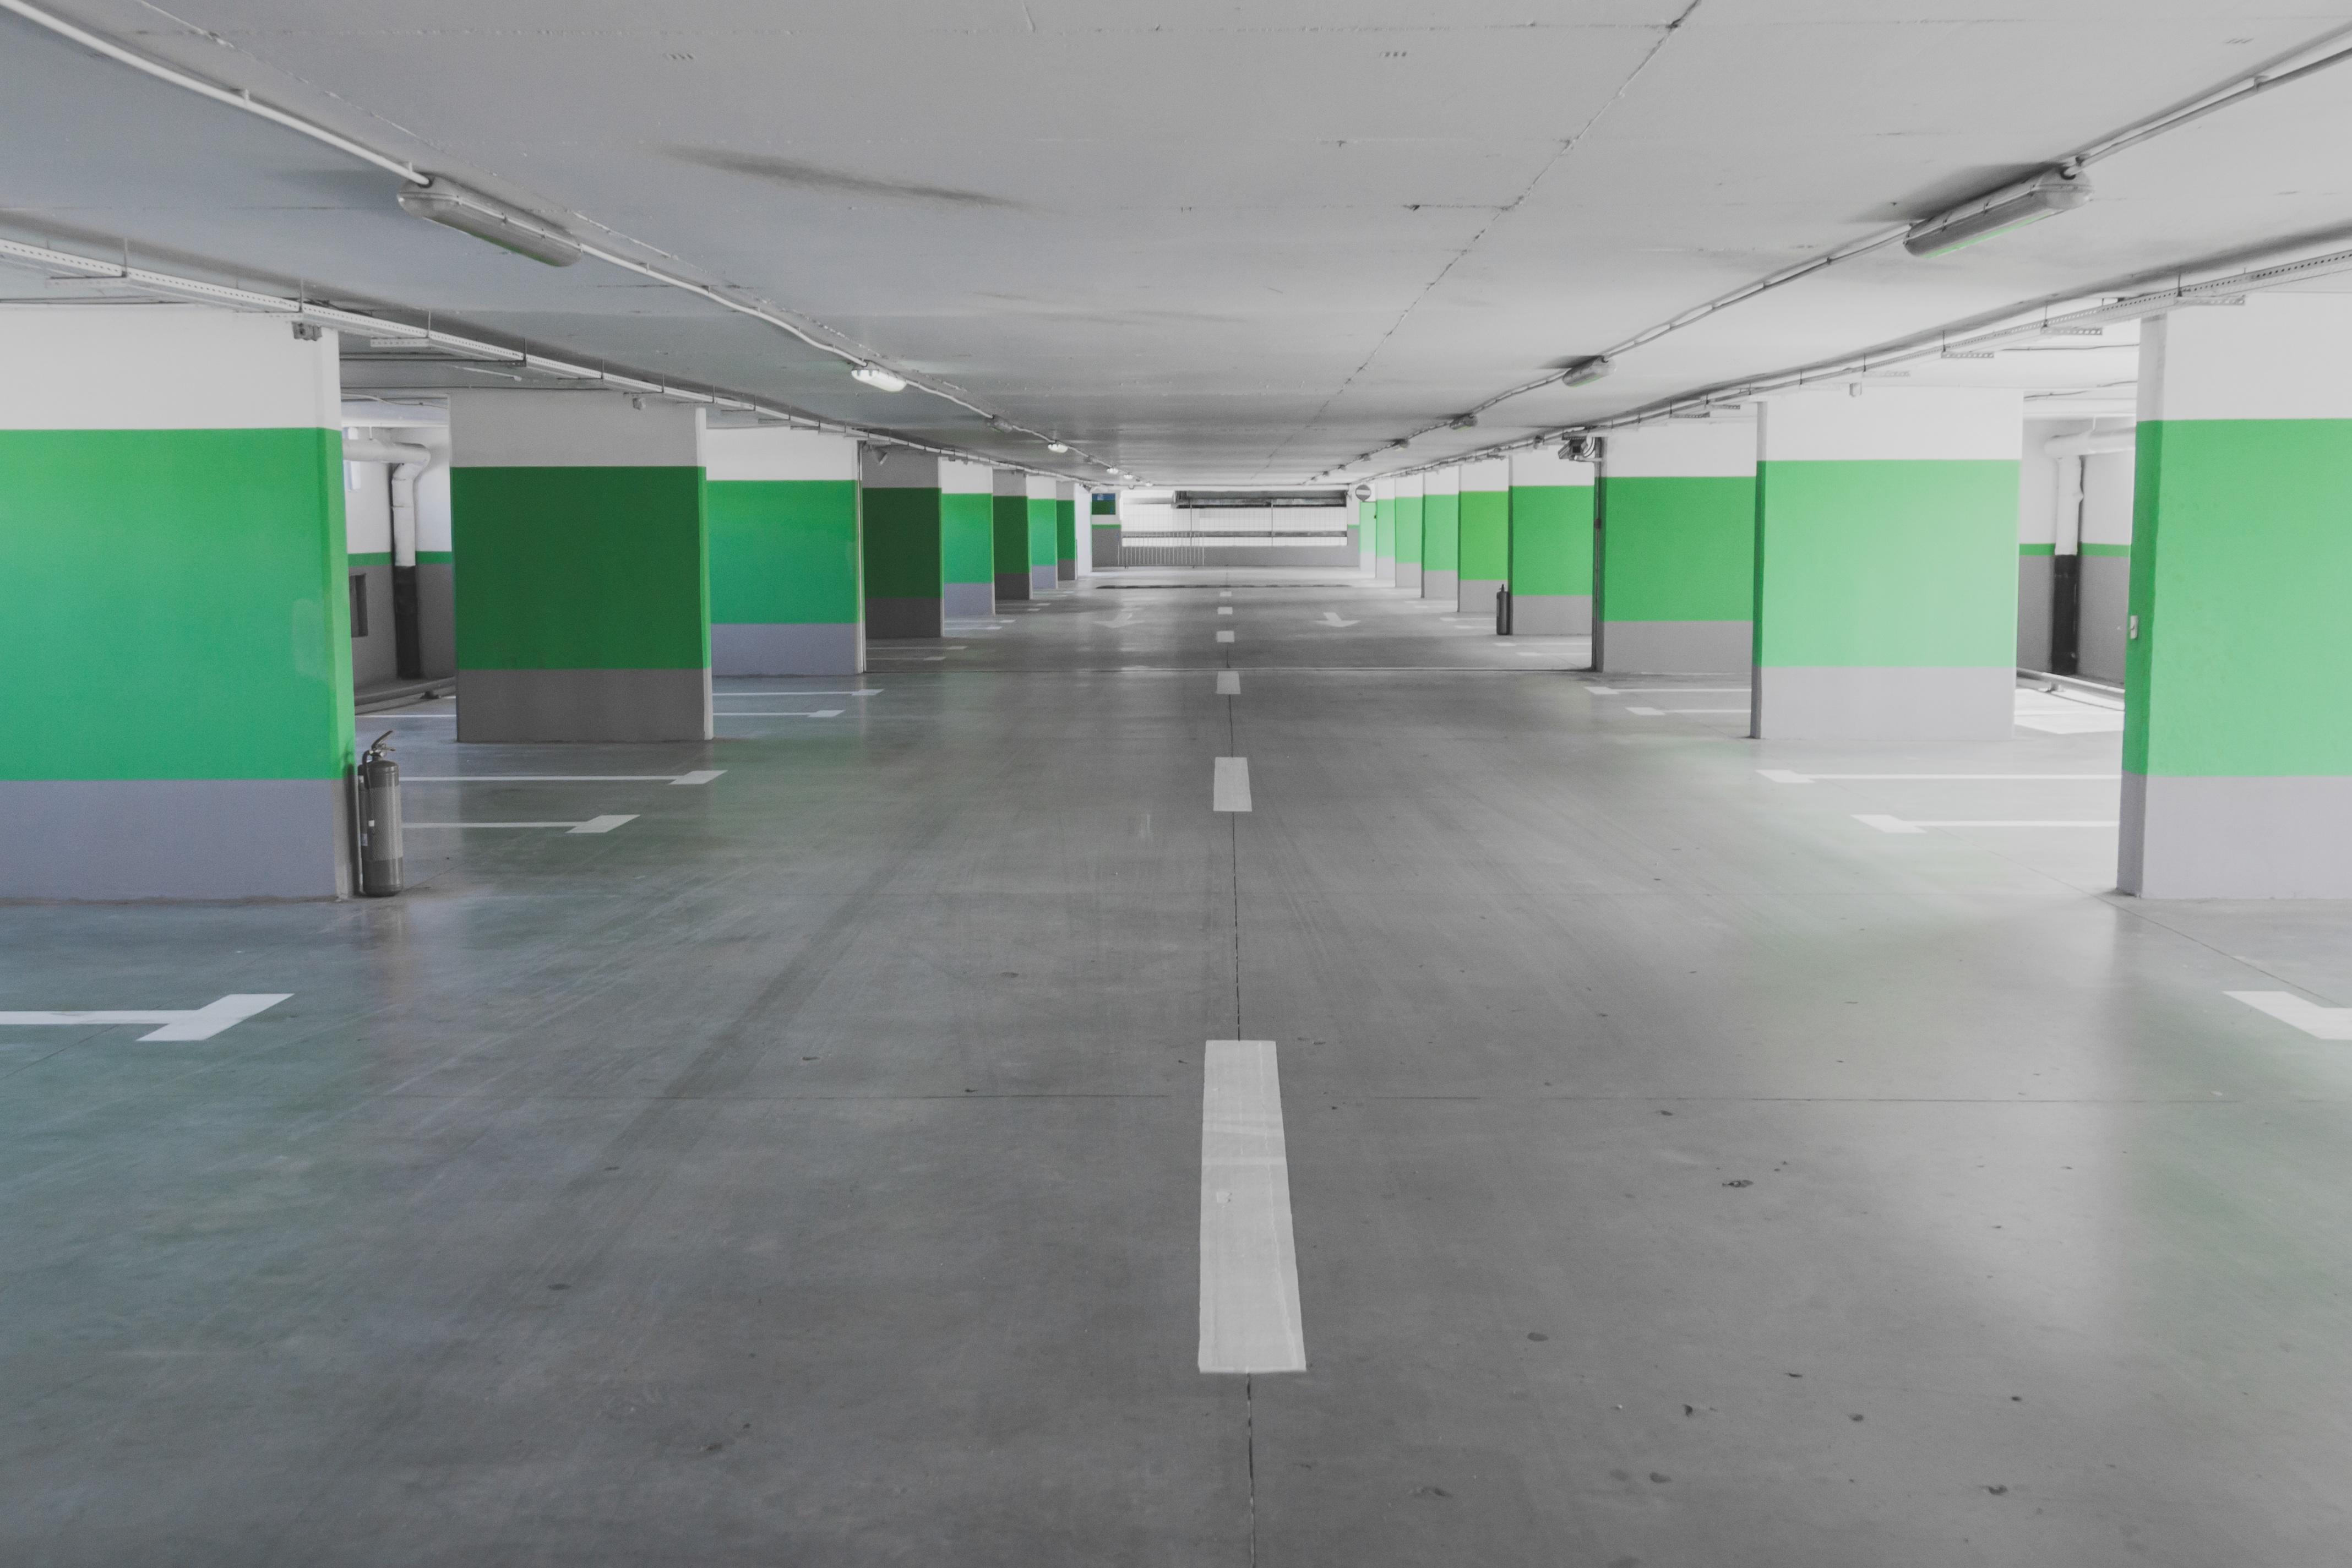 Fotos Gratis Piso Estacionamiento Subterraneo